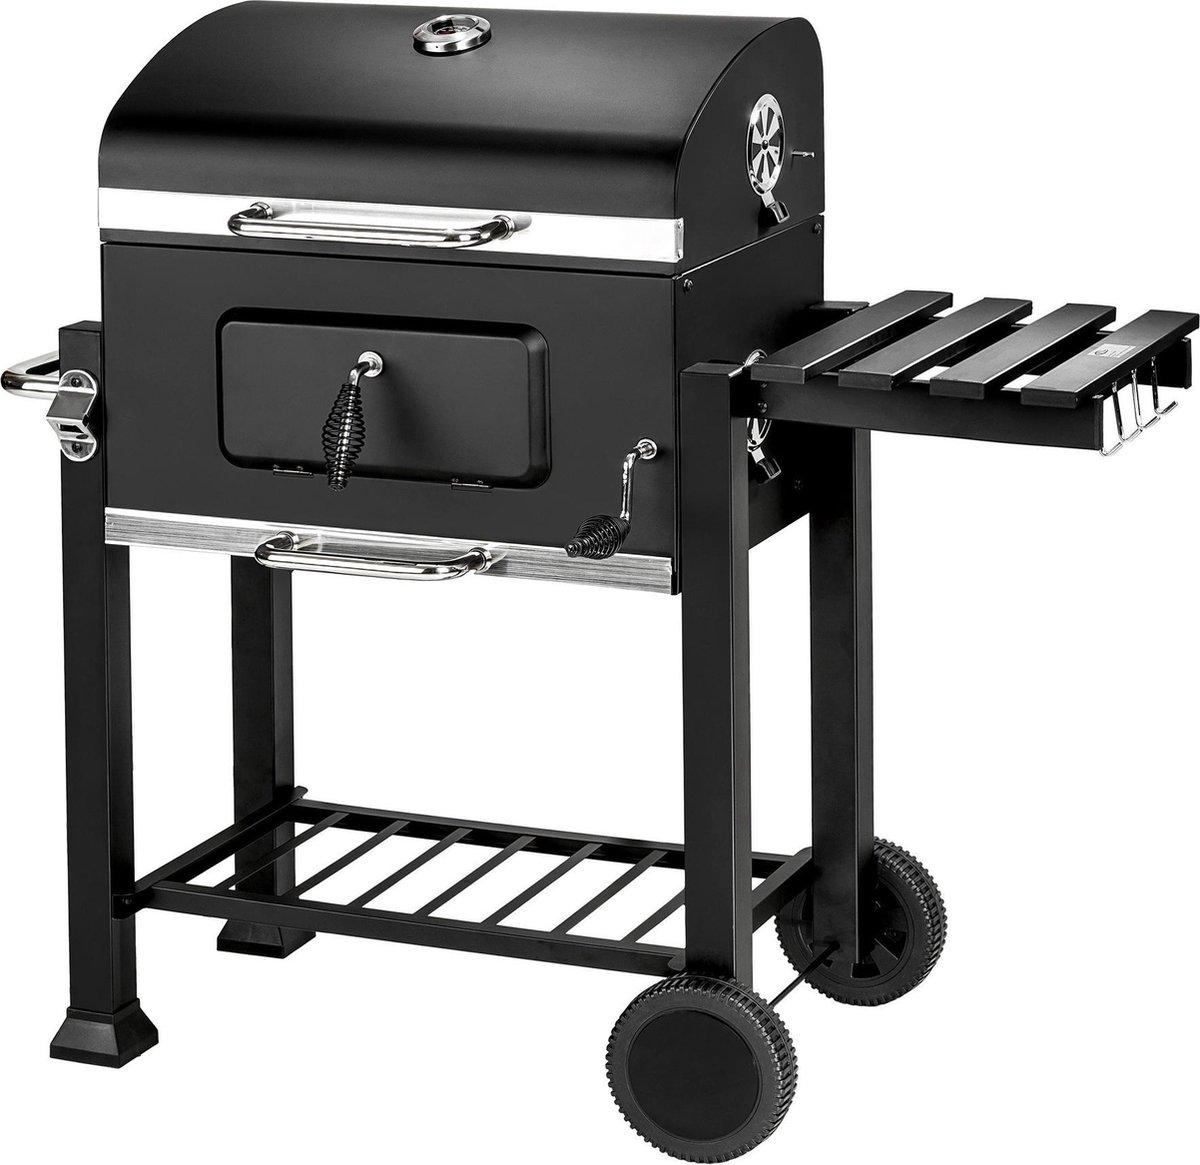 Houtskool BBQ kopen? Bekijk houtskool barbecue aanbiedingen